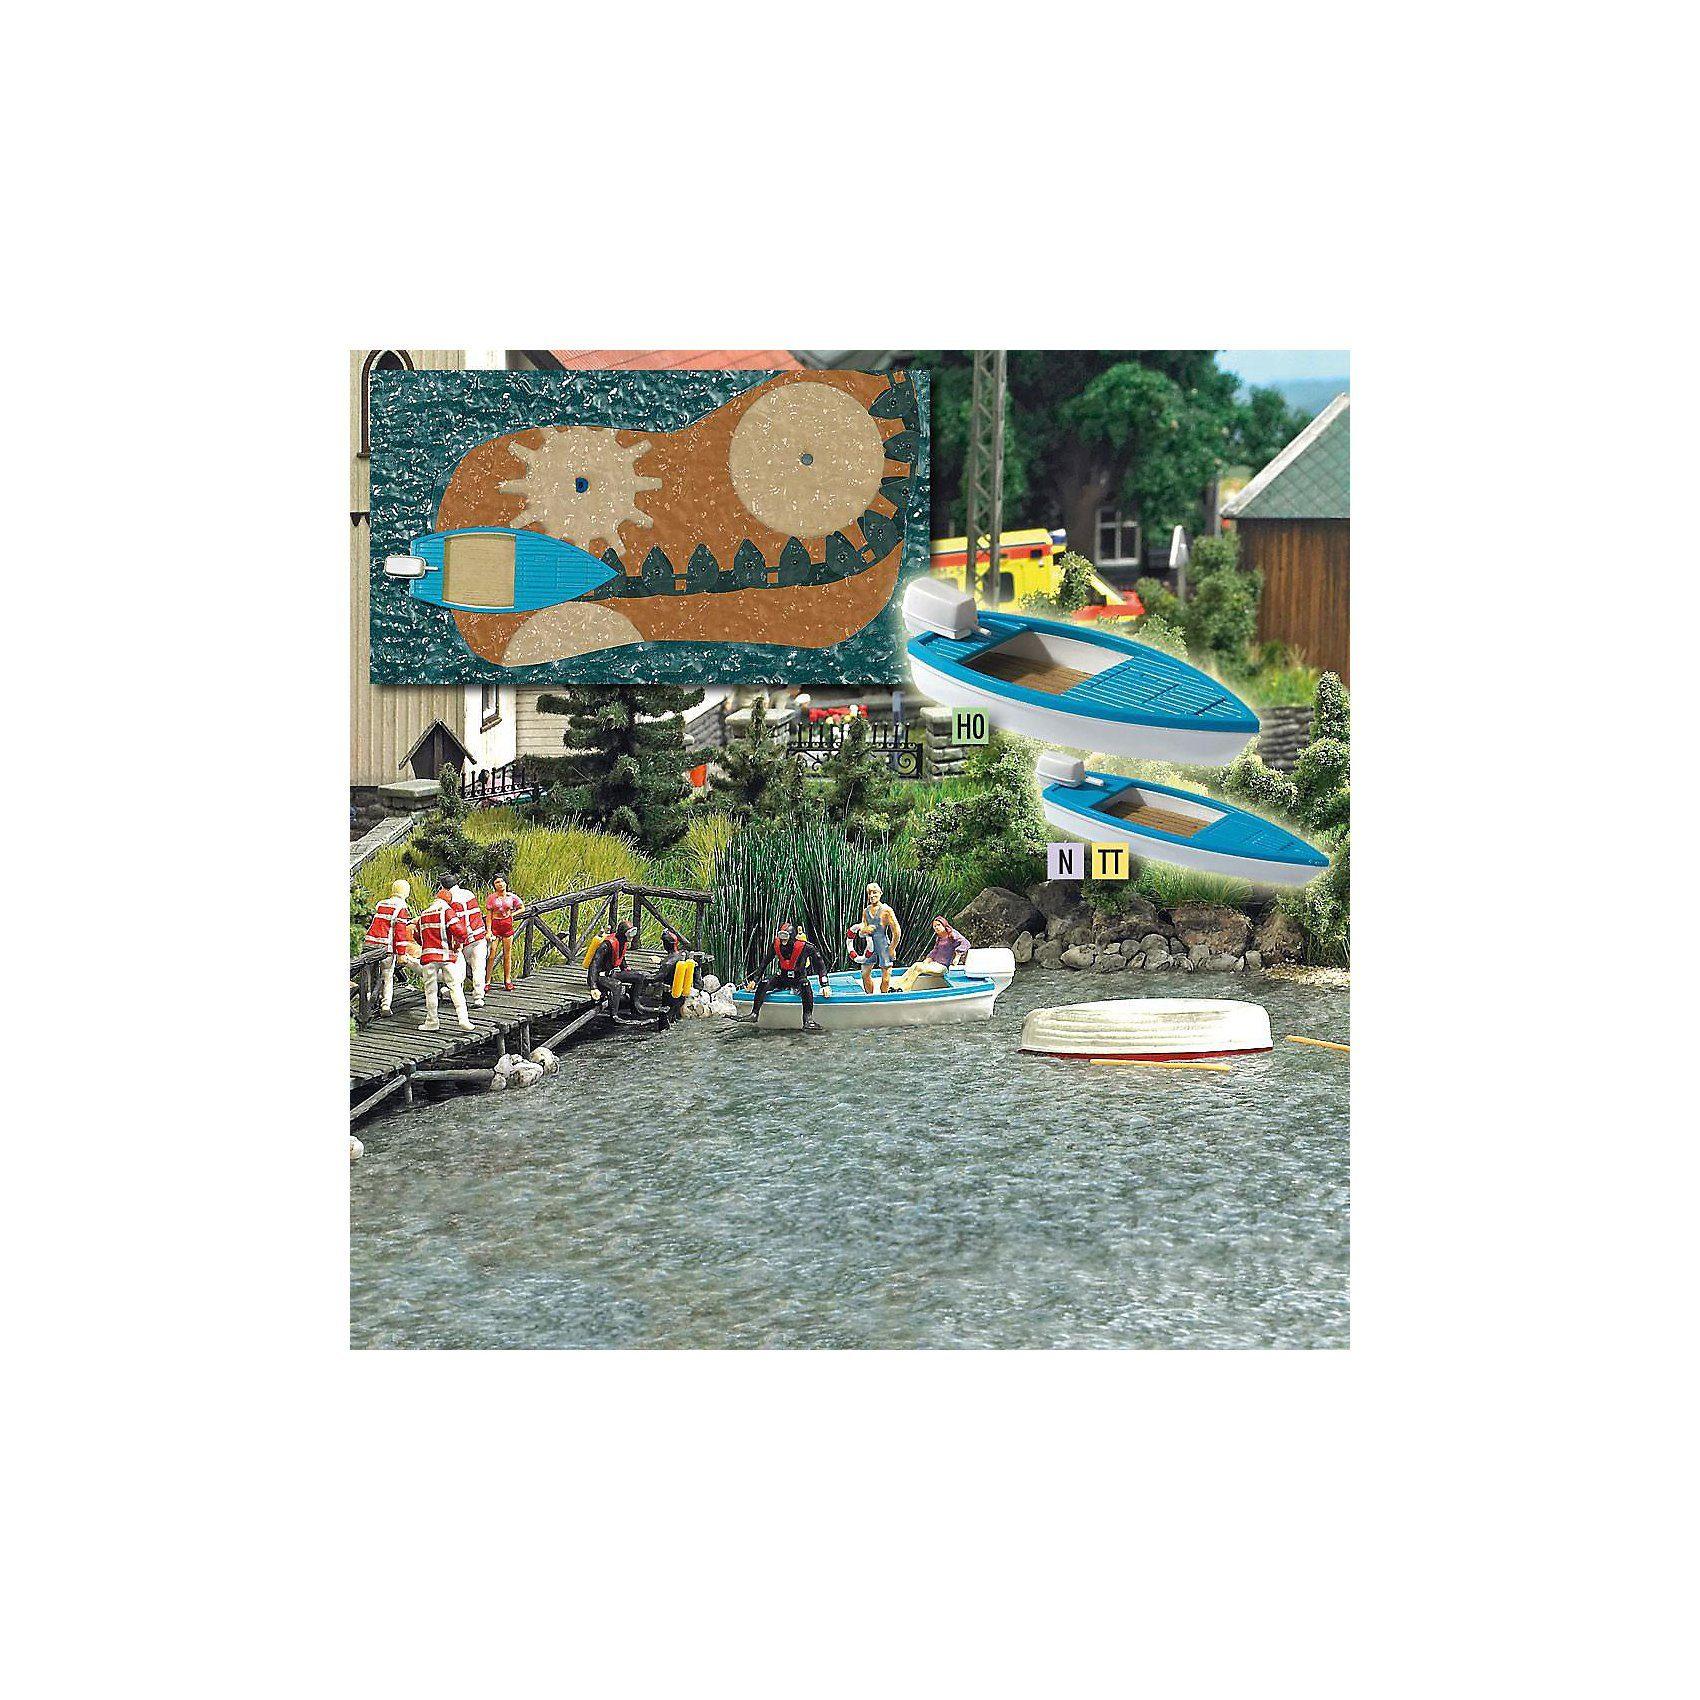 Busch Modelleisenbahn See mit fahrendem Boot - Spur H0